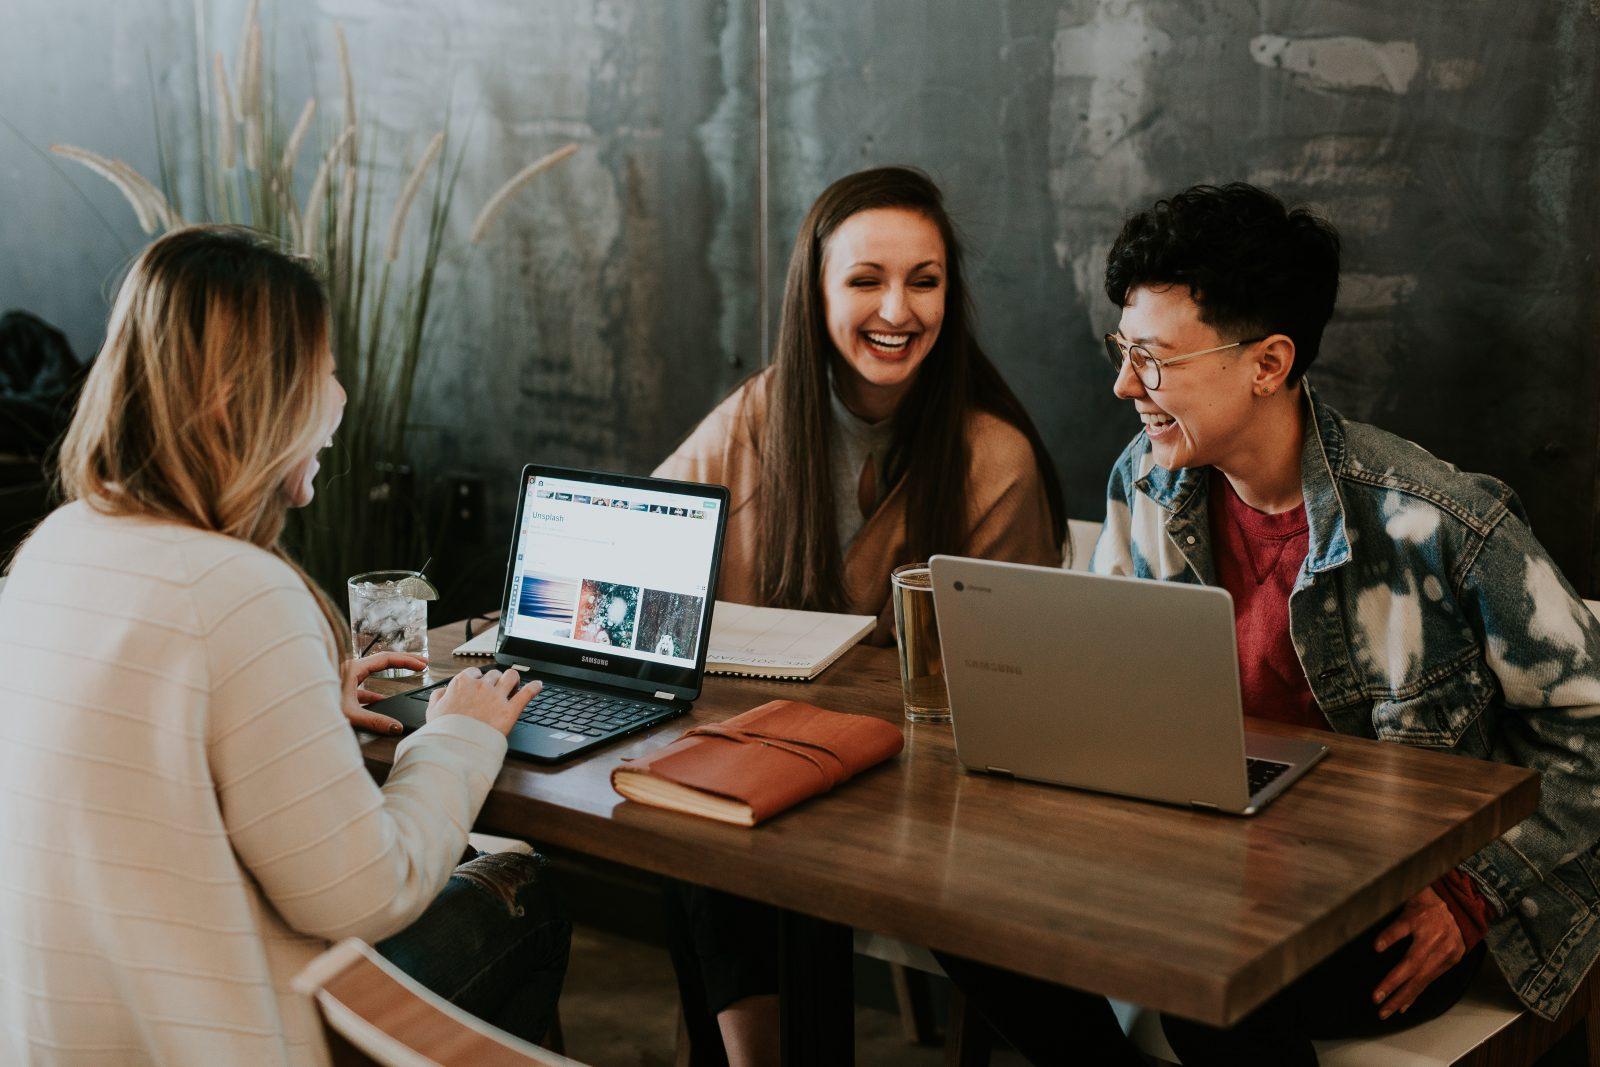 kolme opiskelijaa istuu pöydän ääressä ja nauraa